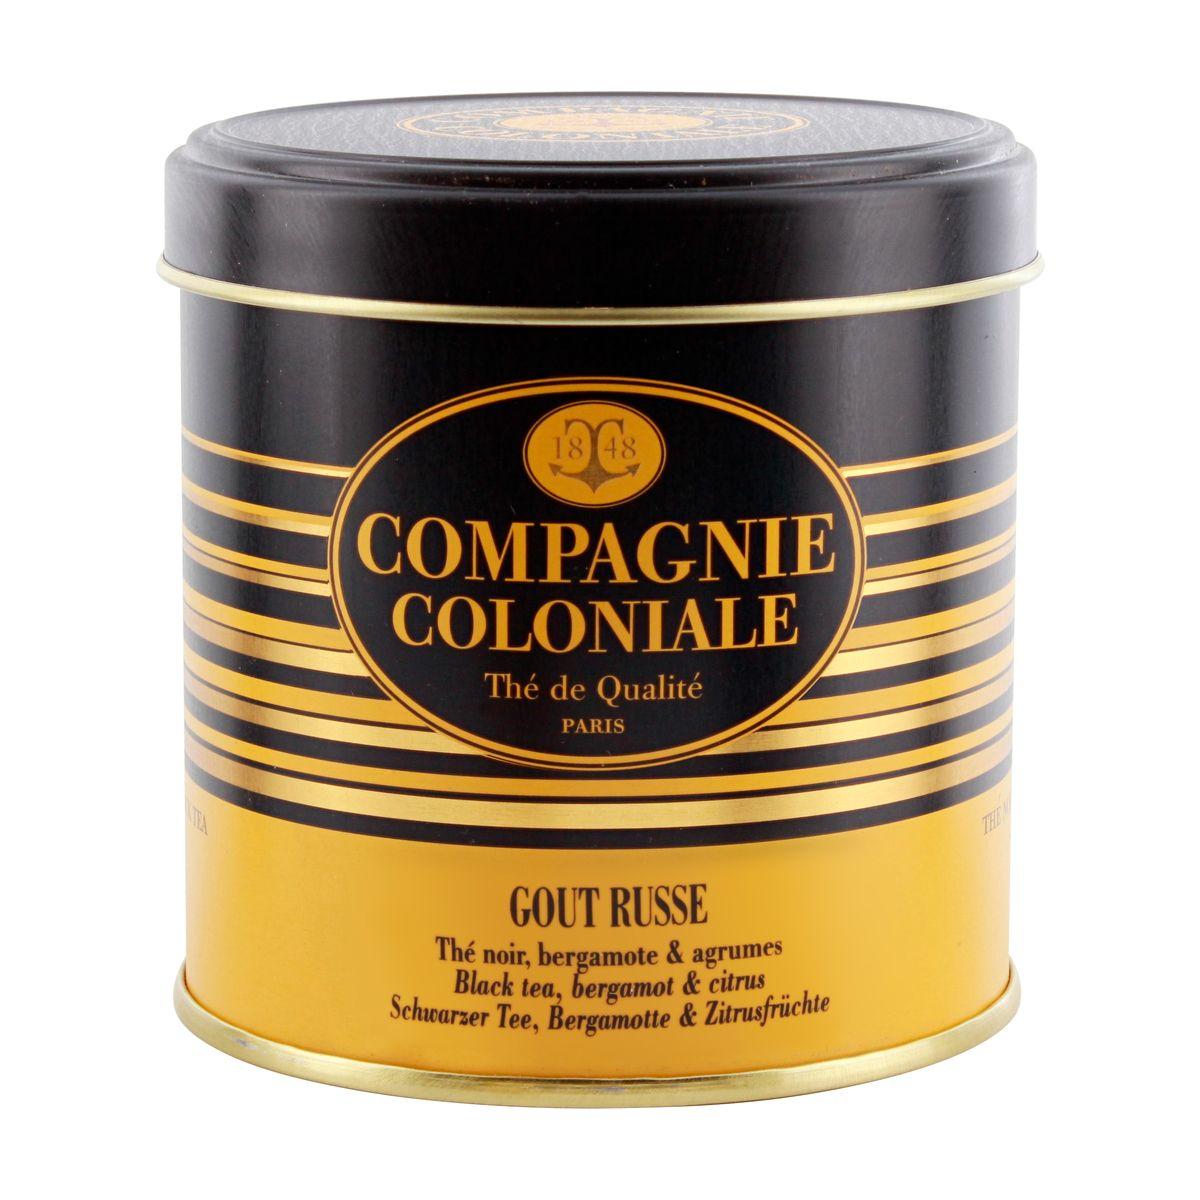 Thé noir aromatisé boîte métal goût russe - Compagnie Coloniale